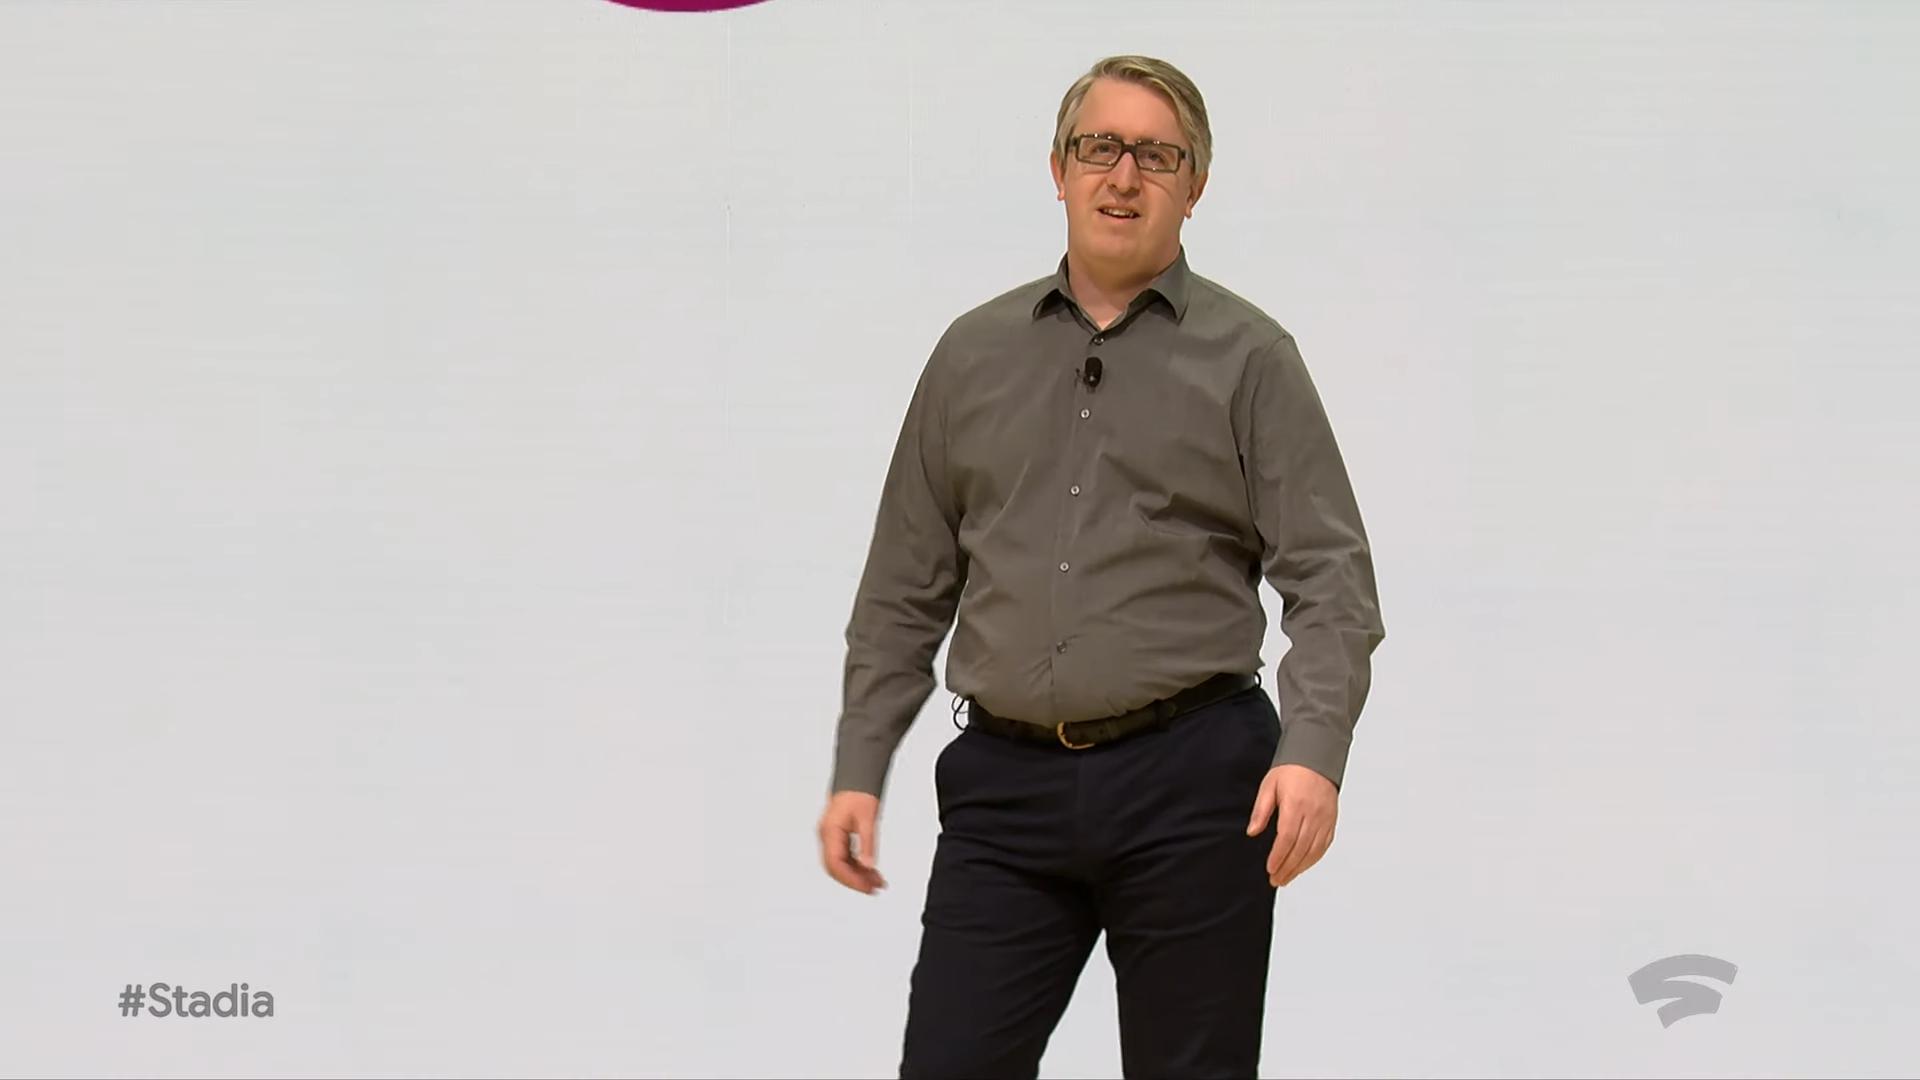 Извините, но все ваши базы принадлежат Google. Презентация Google на Game Development Conference 2019, проект Stadia - 28